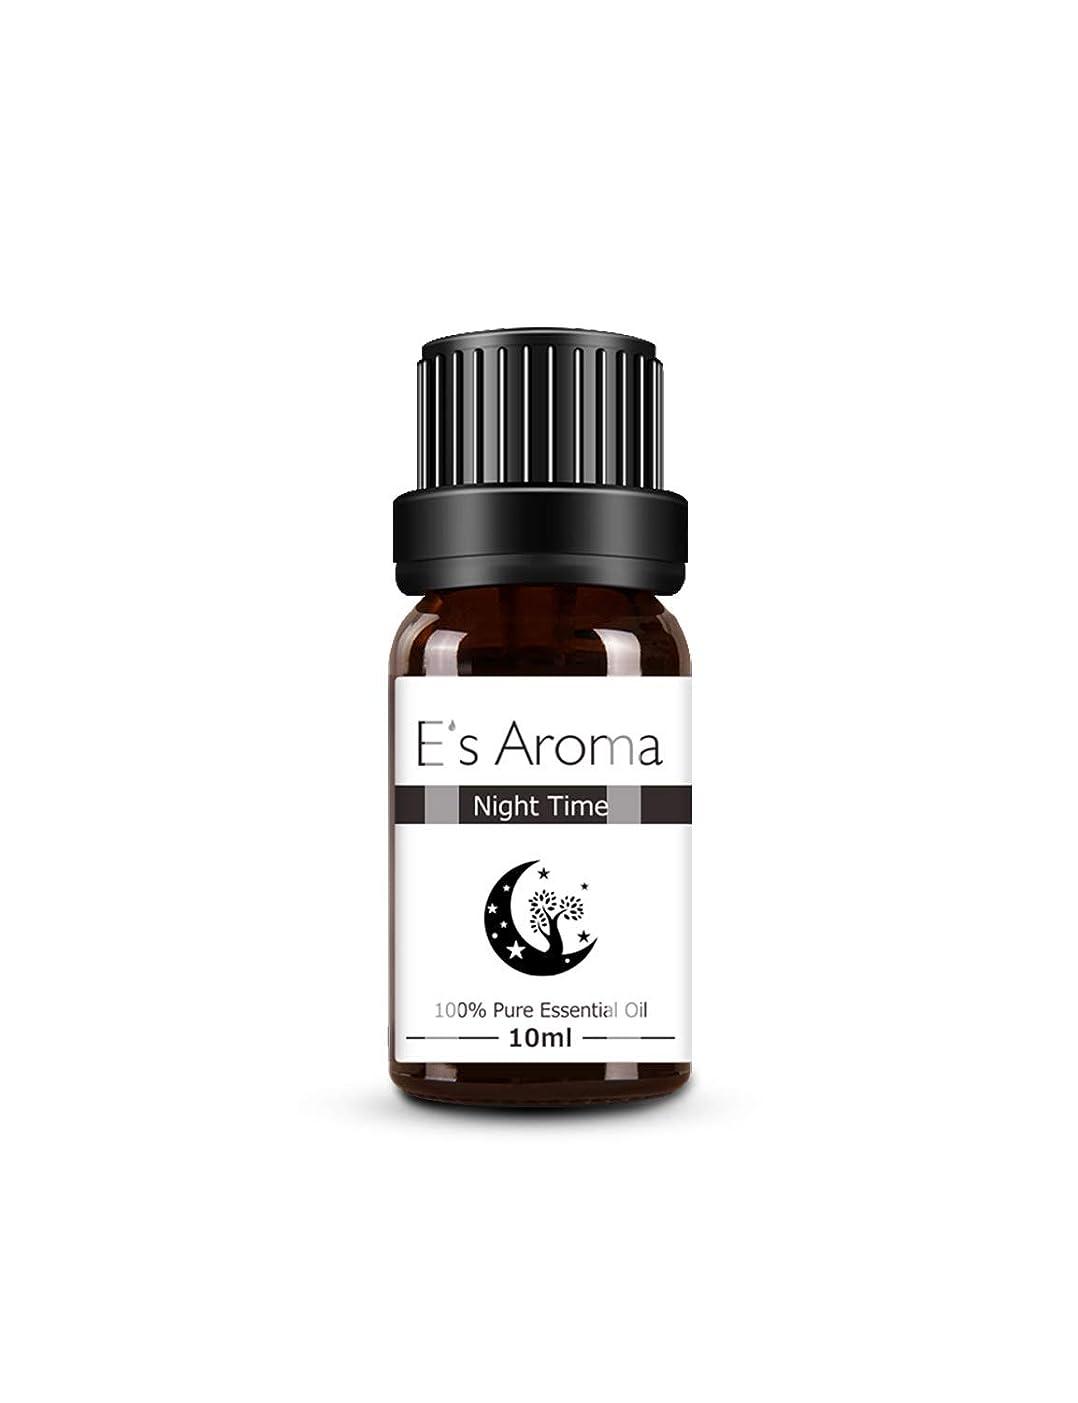 罰自動車伝導E's Aroma アロマオイル ブレンド 100%純正 エッセンシャルオイル 厳選精油 10ml ナイトタイム